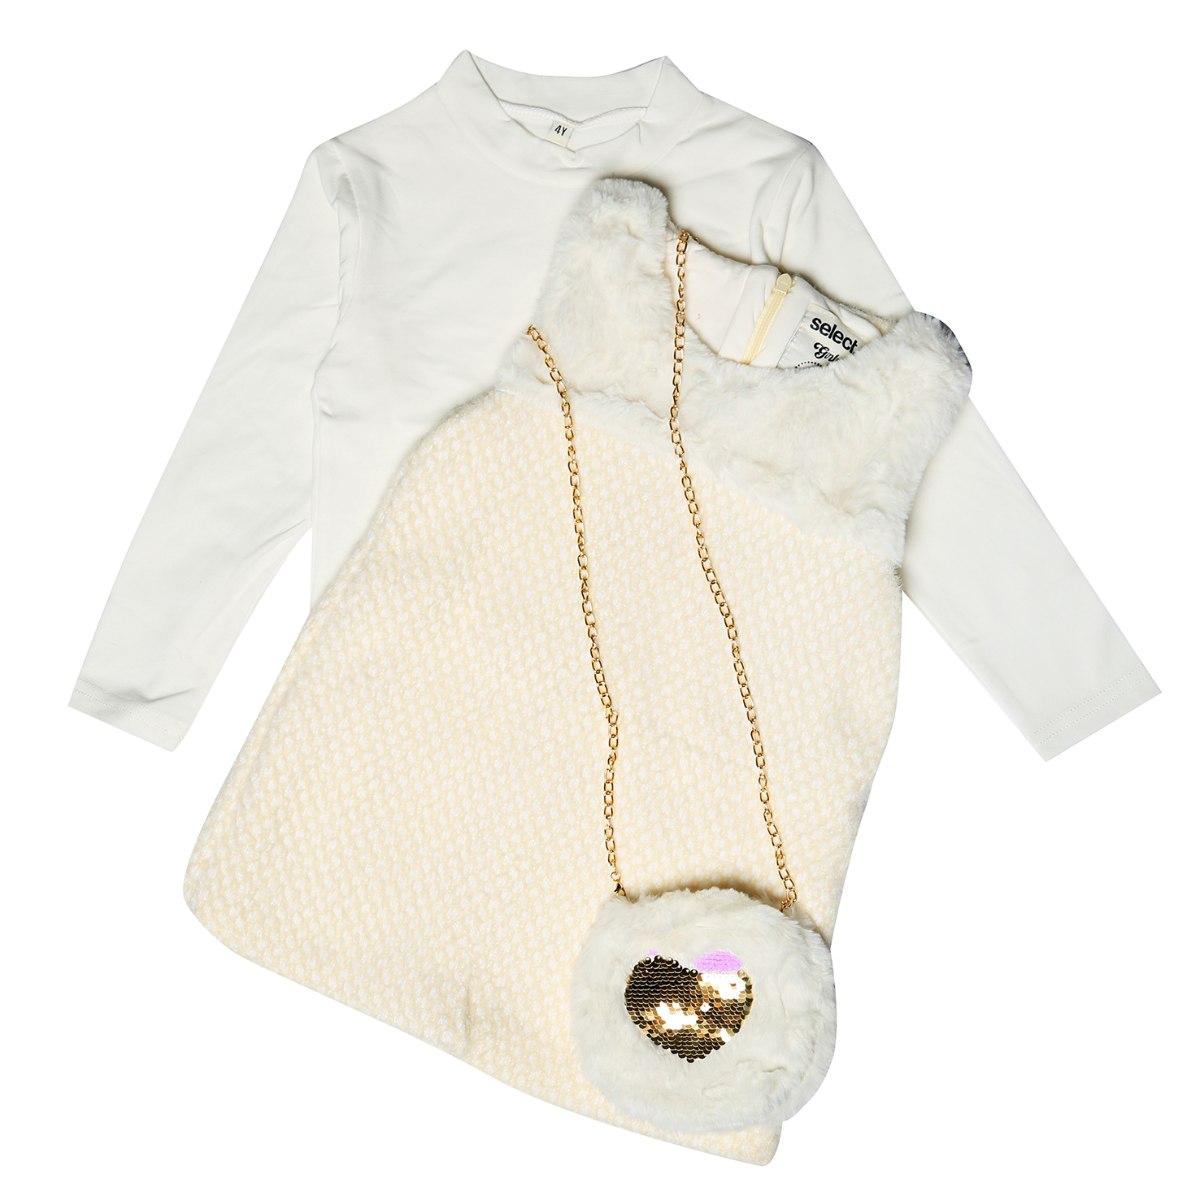 סט שמלה עם פרווה + תיק בנות